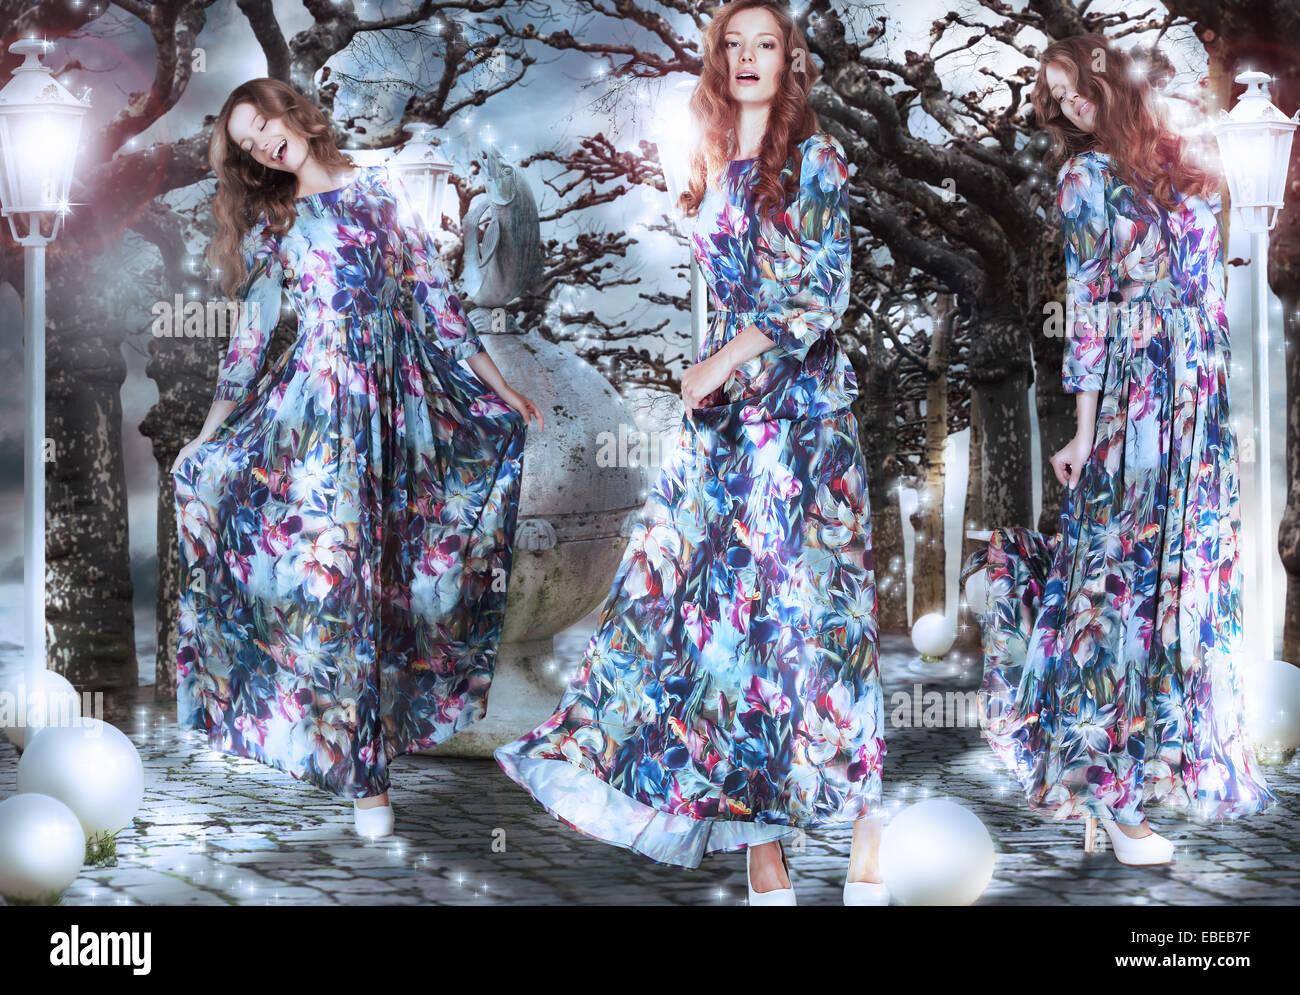 Ispirazione. La fantasia. Le donne in abiti floreali tra alberi Immagini Stock